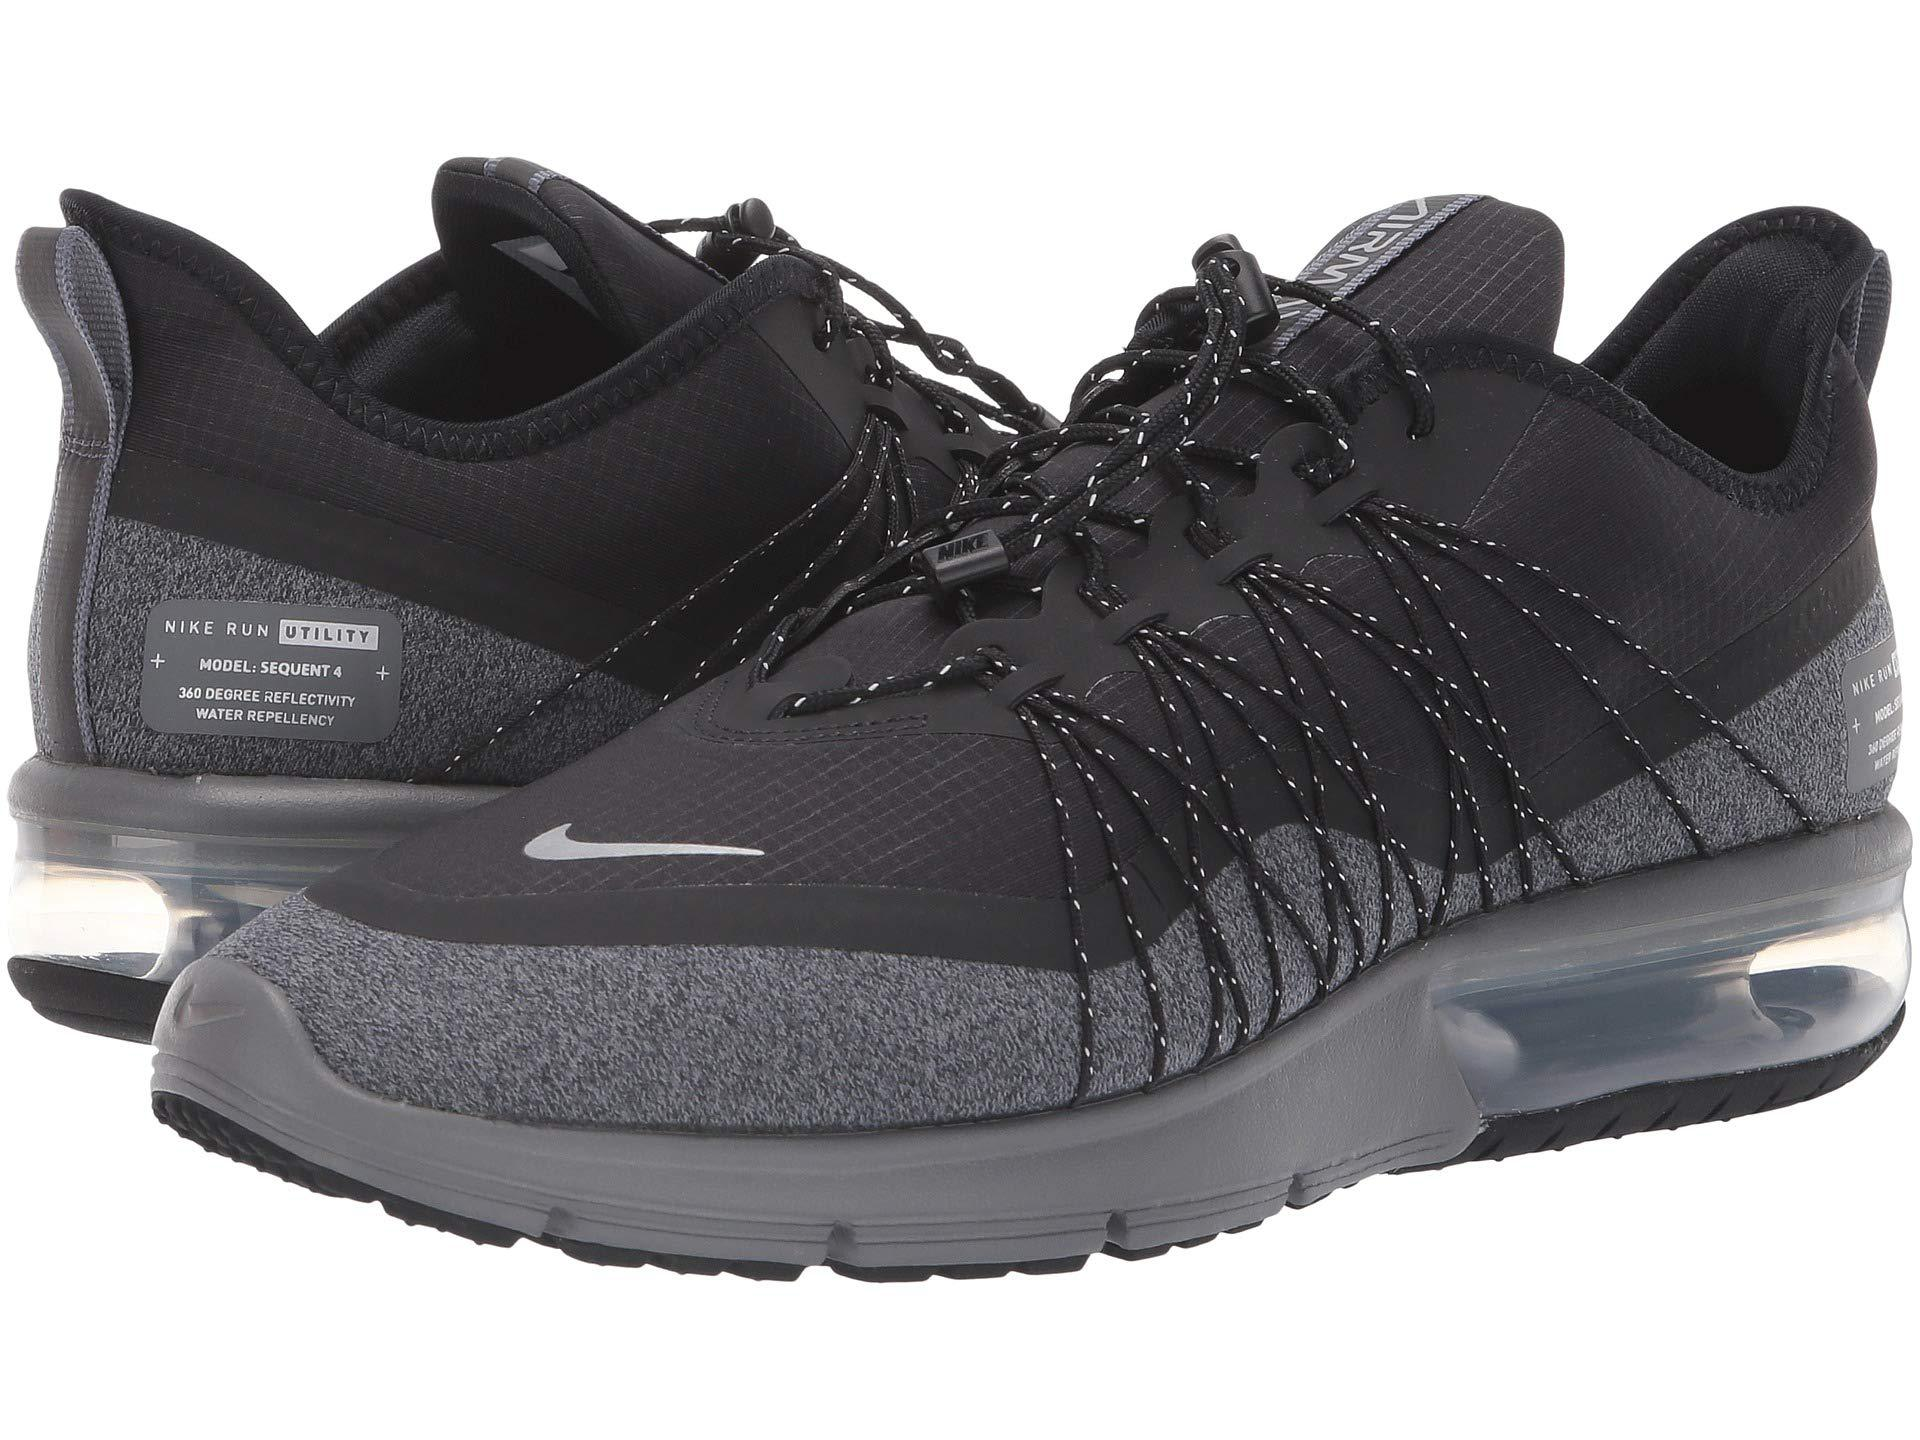 b3629e92b5 Nike Air Max Sequent 4 Shield (black/metallic Silver/dark Grey ...